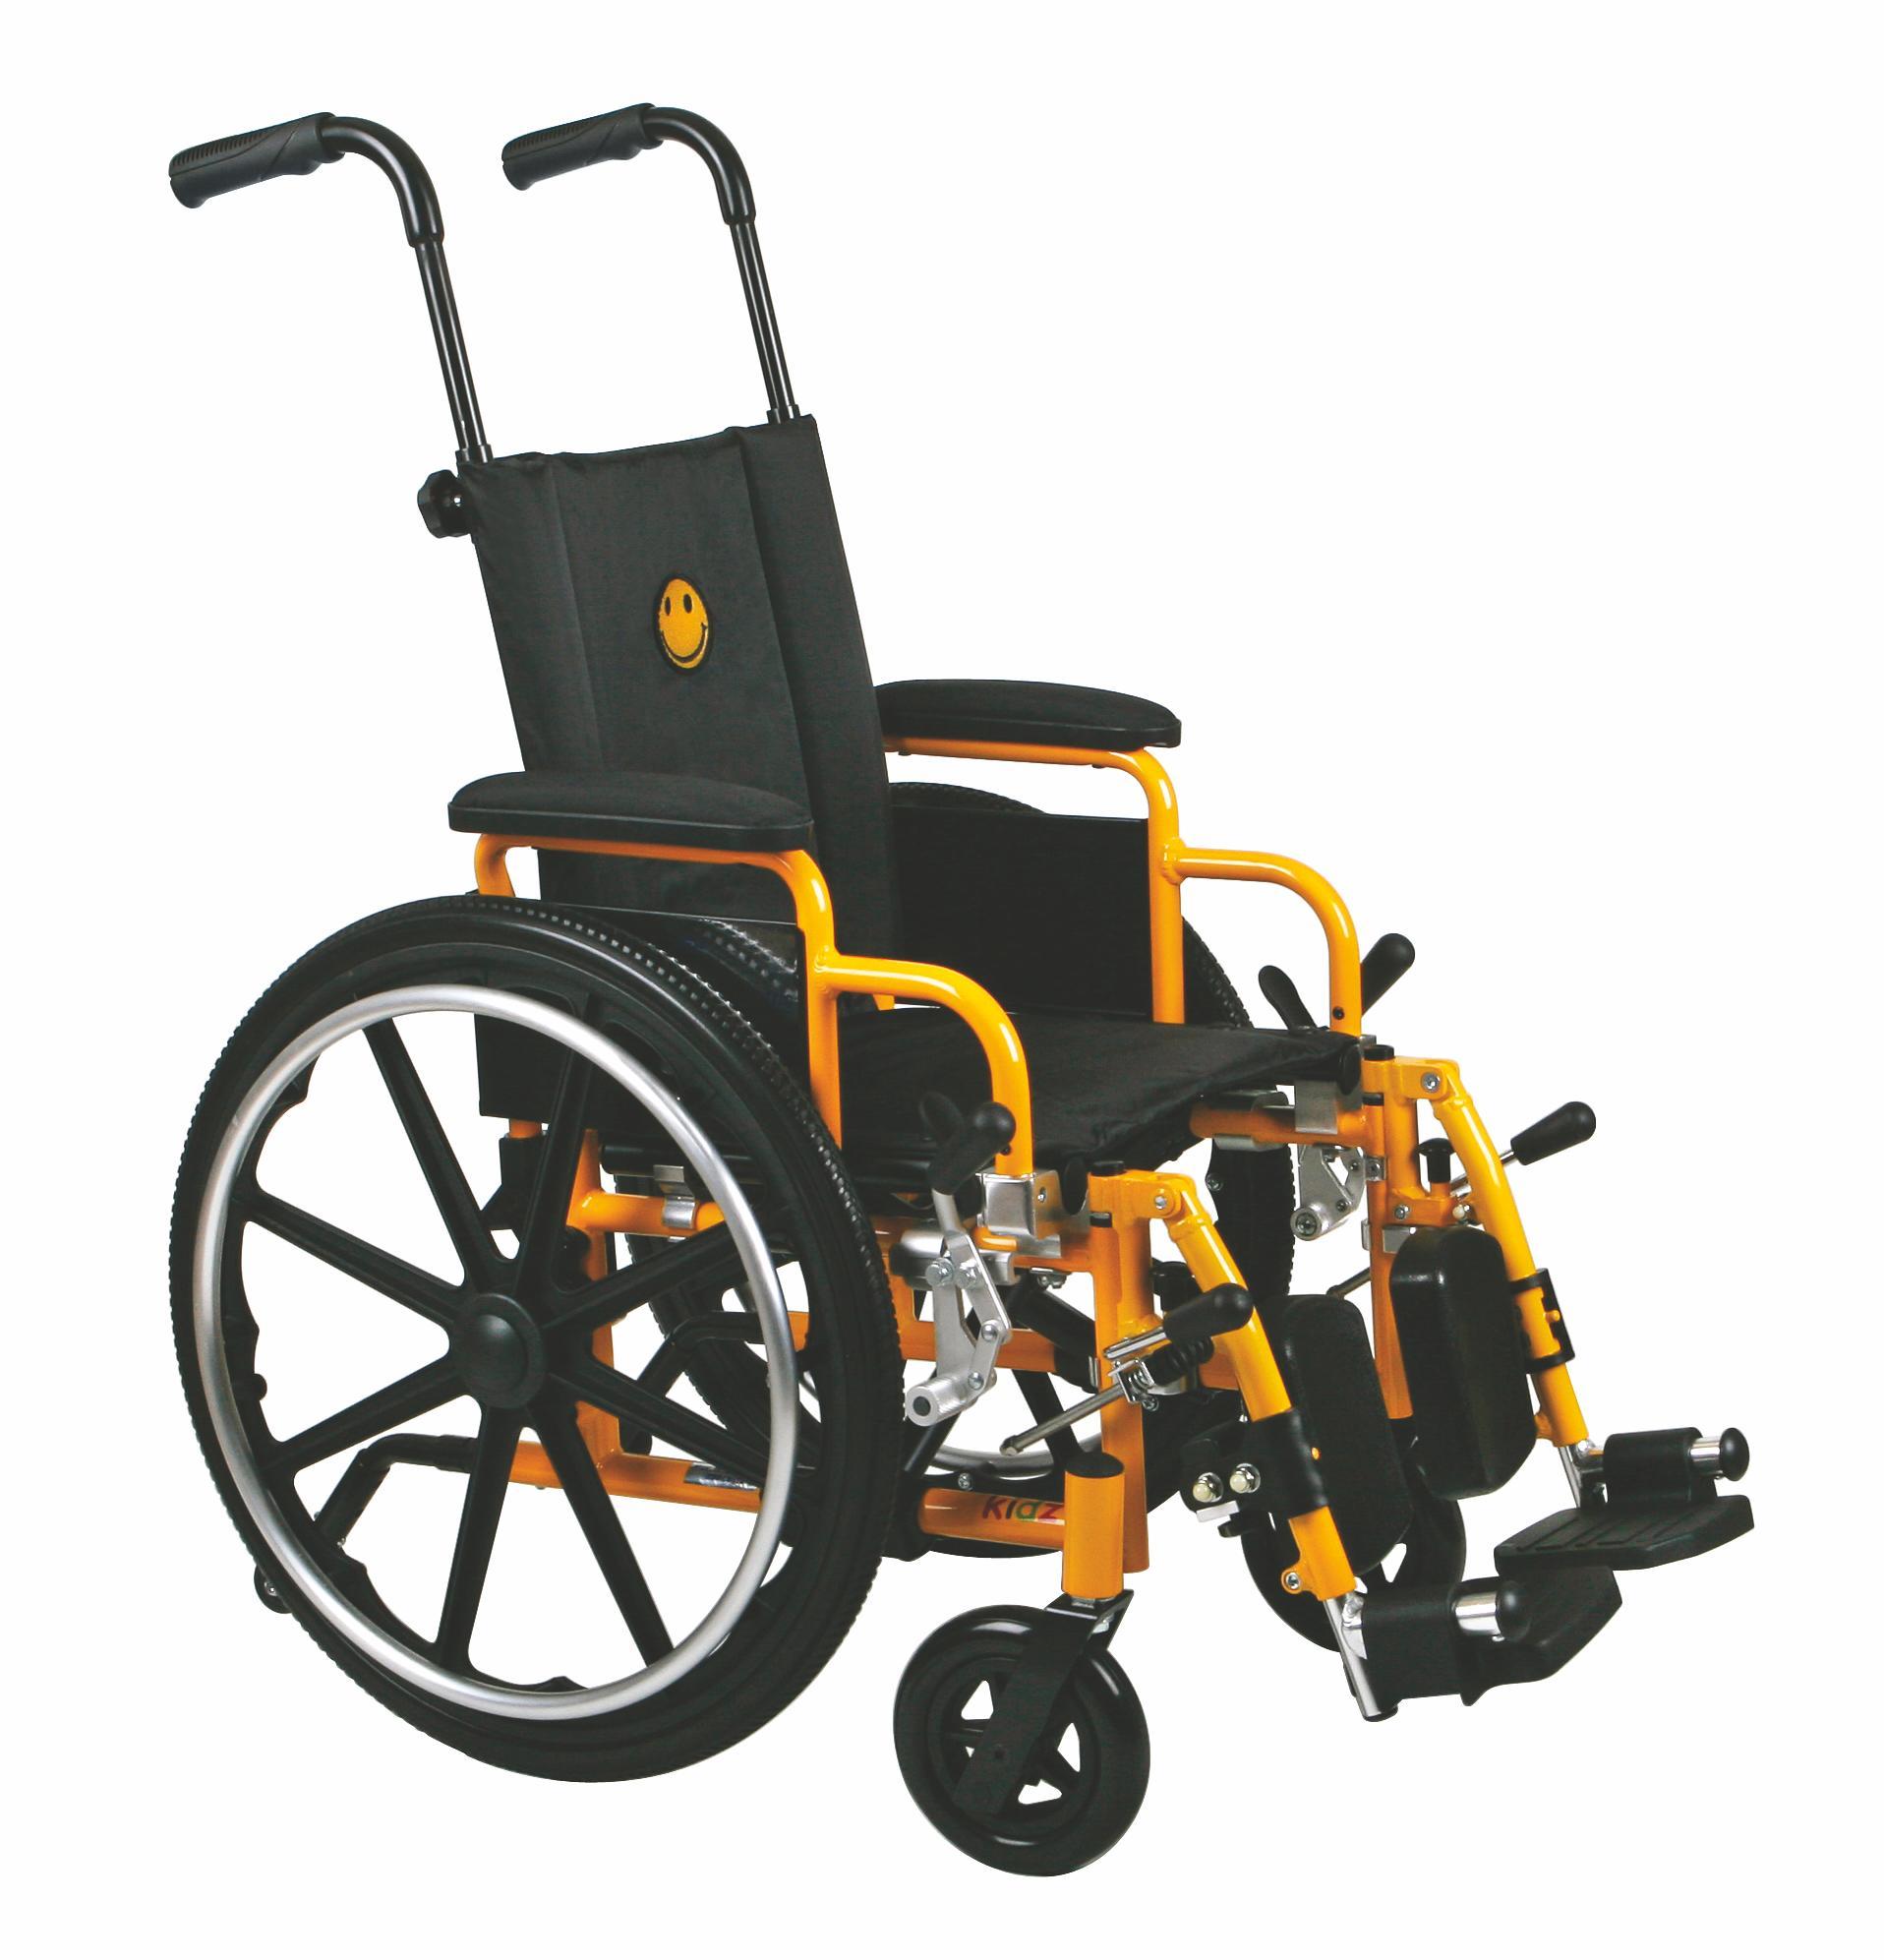 1916x1993 Wheelchair Drawing Wheel Chair Wheelchair Dancewheelchair Donations